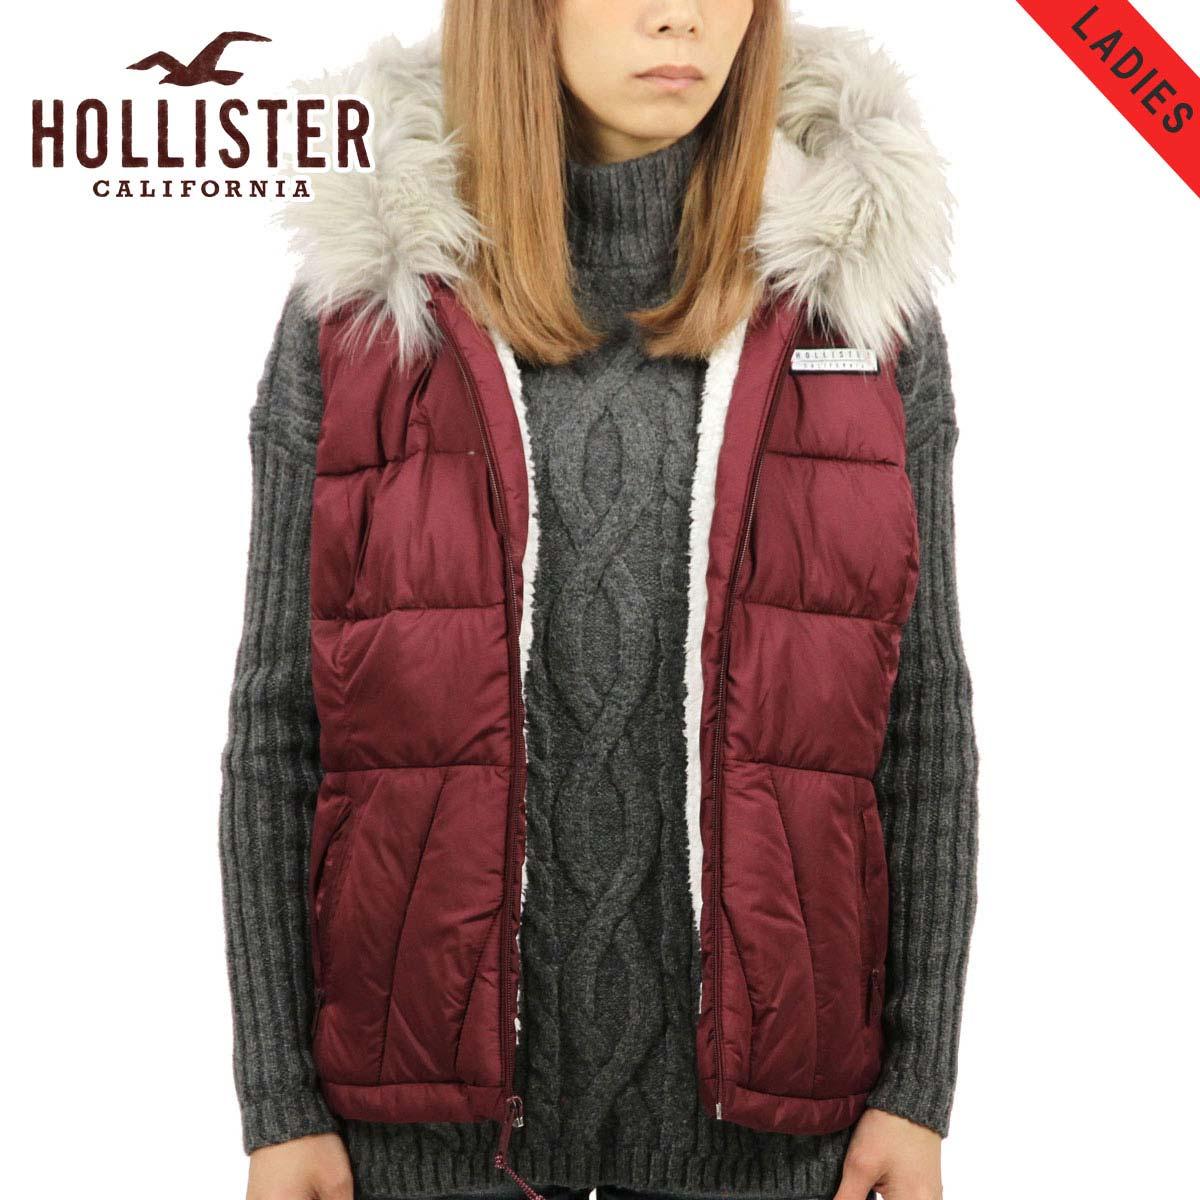 ホリスター アウター レディース 正規品 HOLLISTER ジャケット パファーベスト Sherpa-Lined Hooded Puffer Vest 344-445-0580-520